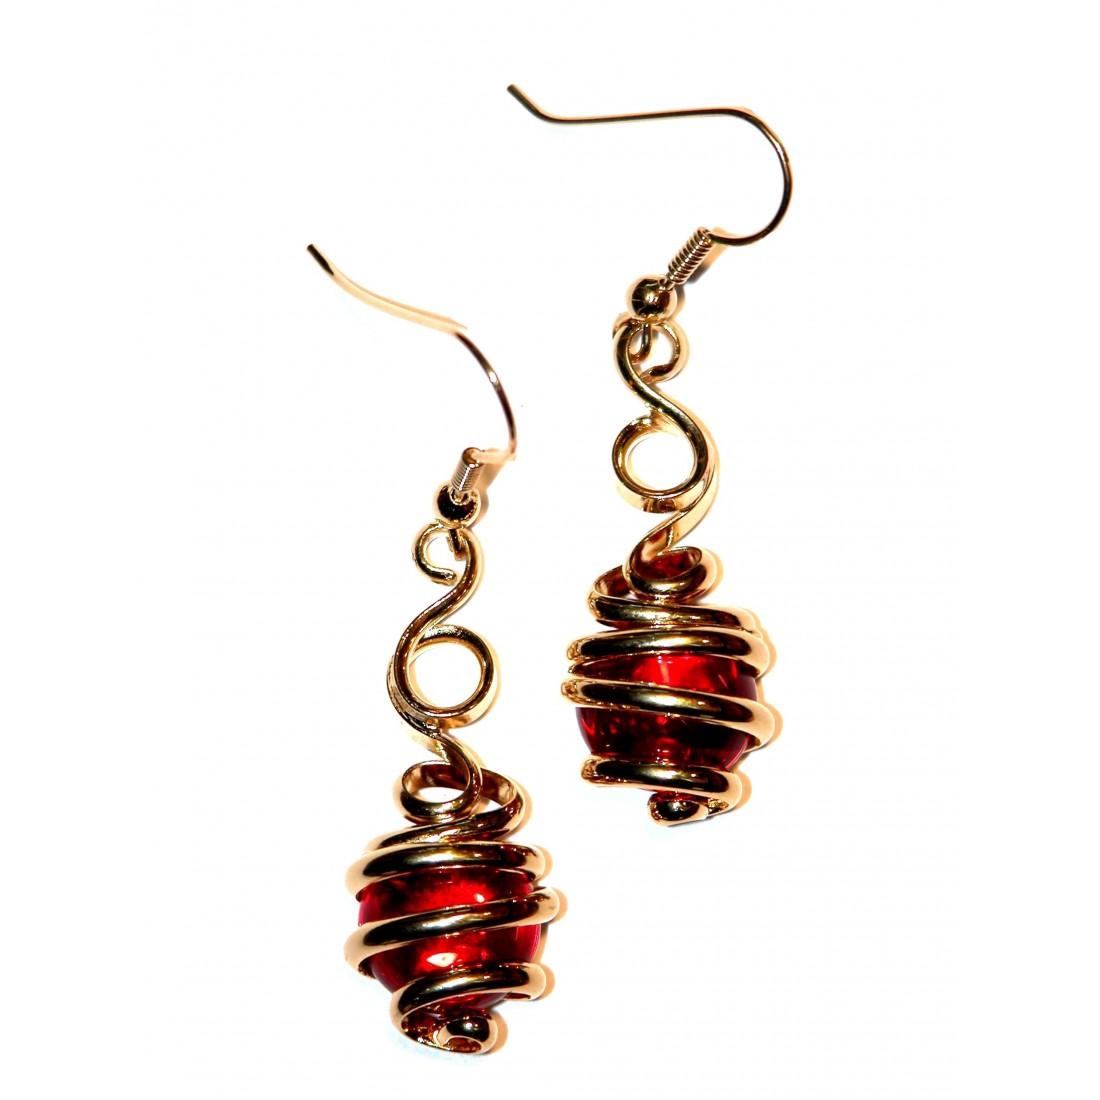 Boucles d'oreilles créateur or et rouge.